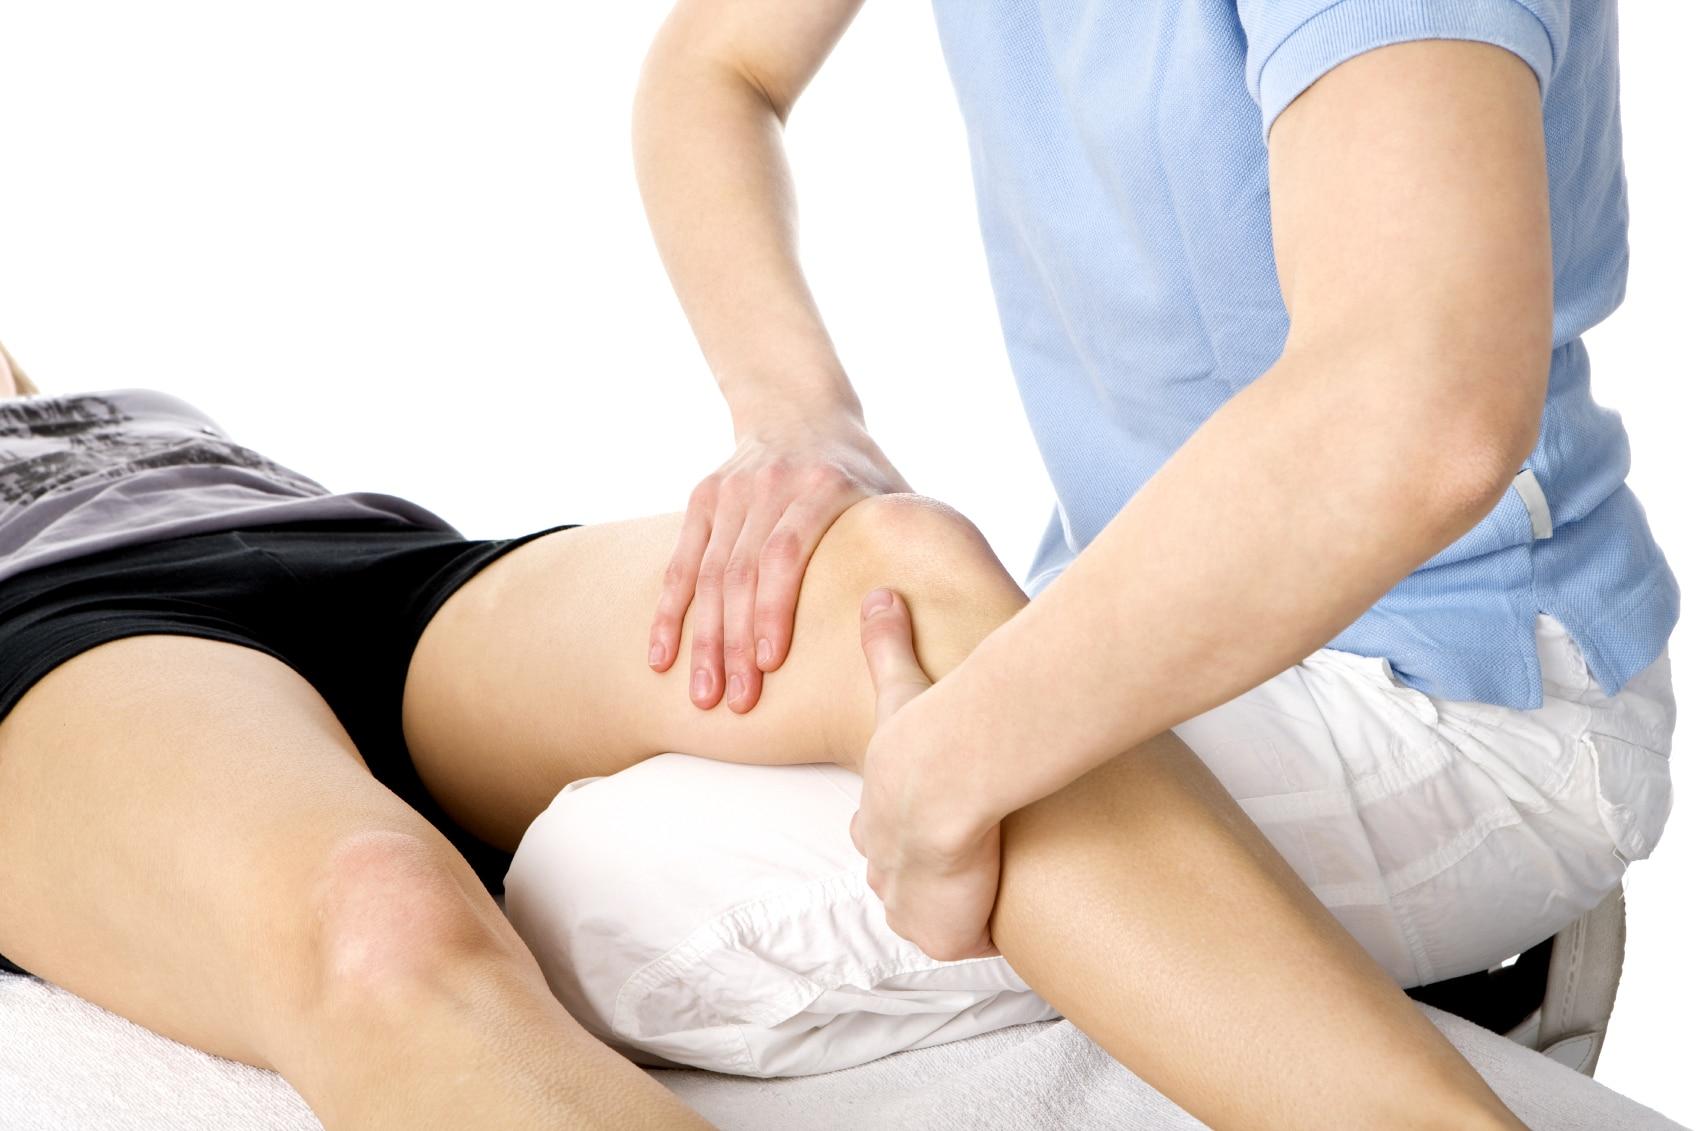 Ejercicios para fortalecer el musculo de la rodilla